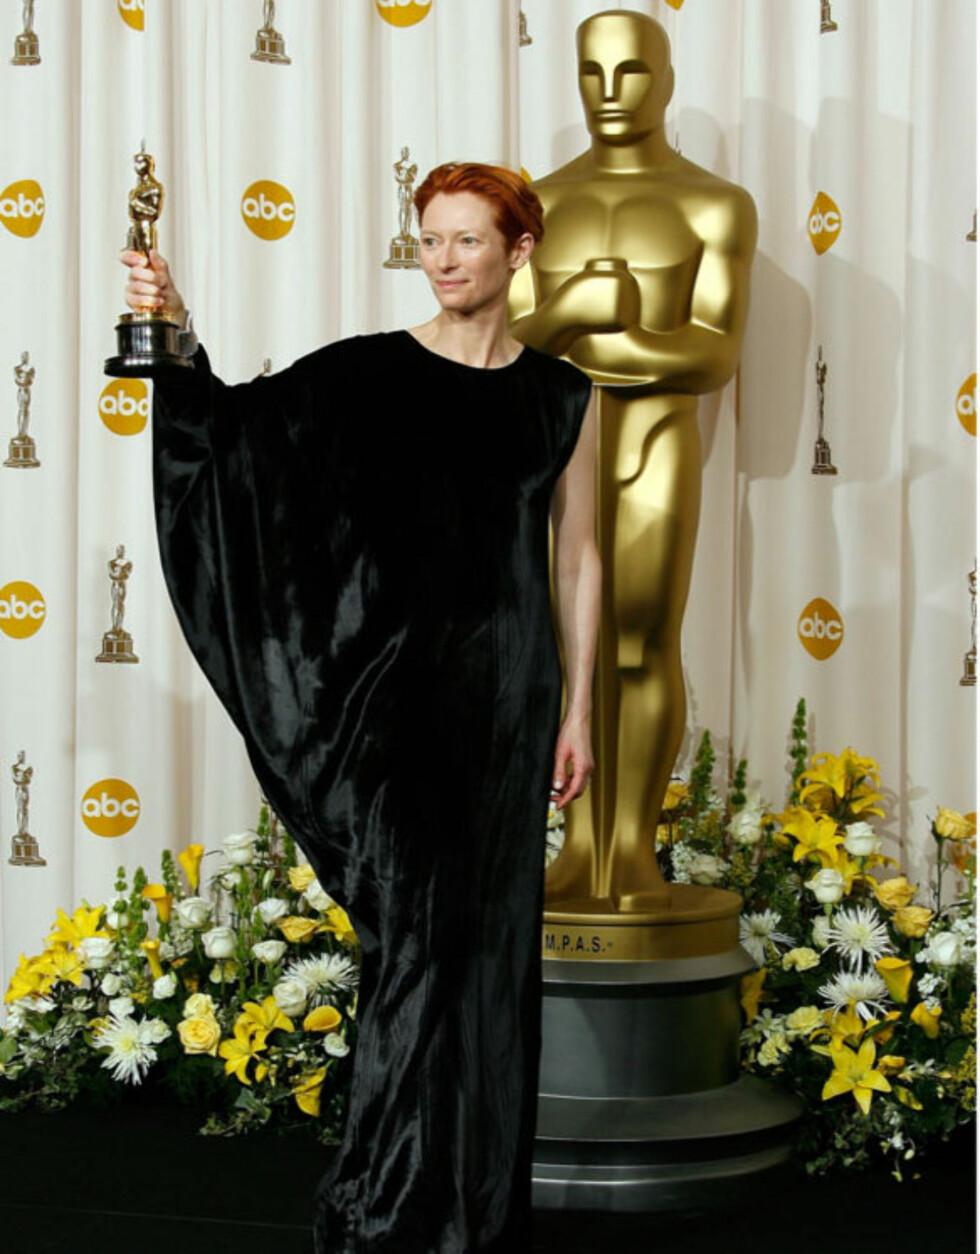 MERKELIG: Skuespiller Tilda Swinton kler seg ofte mot strømmen, men i 2008 lignet hun vel mye på en velour-flaggermus. I det minste vant hun en Oscar for beste kvinnelige birolle, for sin innsats i «Michael Clayton».  Foto: All Over Press